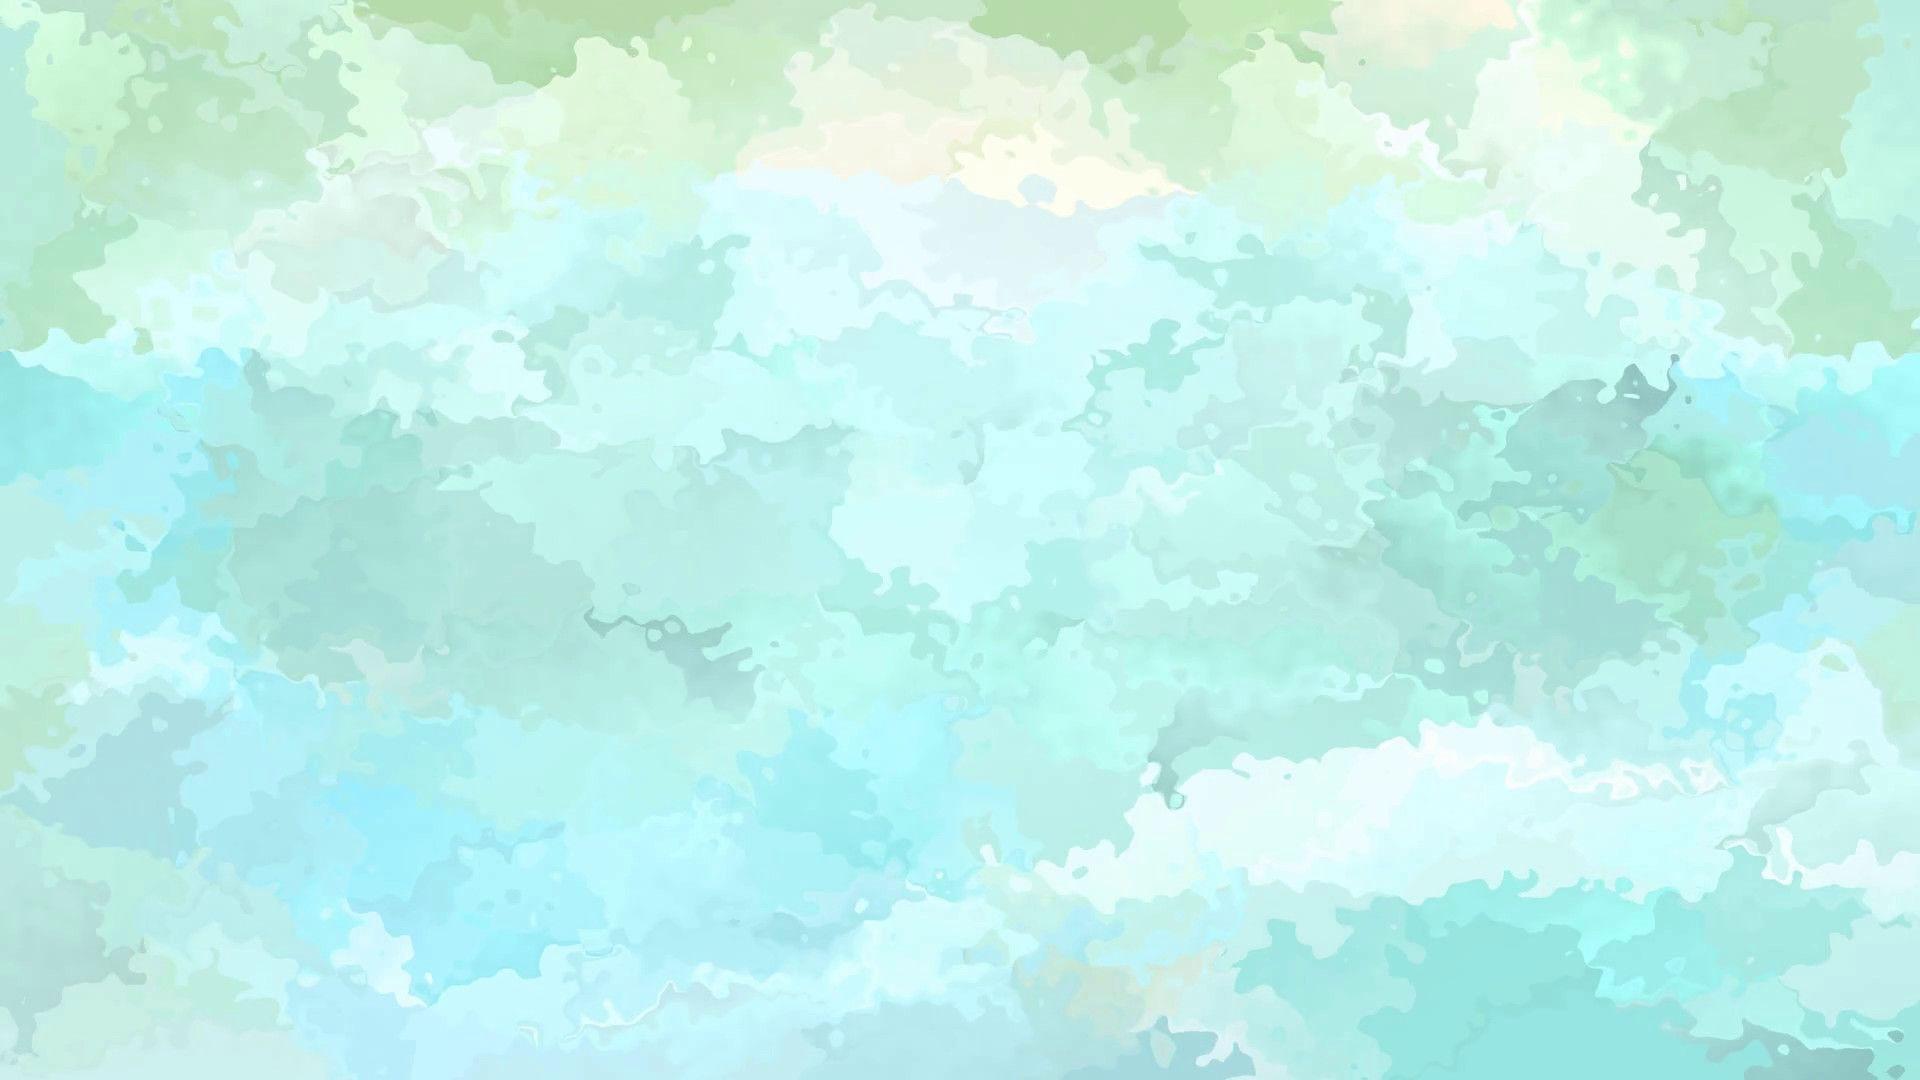 Mint Green Aesthetic Wallpaper For Laptop 1920x1080 Mint Green Aesthetic Wallpapers Top Free 1920x1080 Mint Green Aesthetic Backgrounds Wallpaperaccess 1920x1080 mint green aesthetic